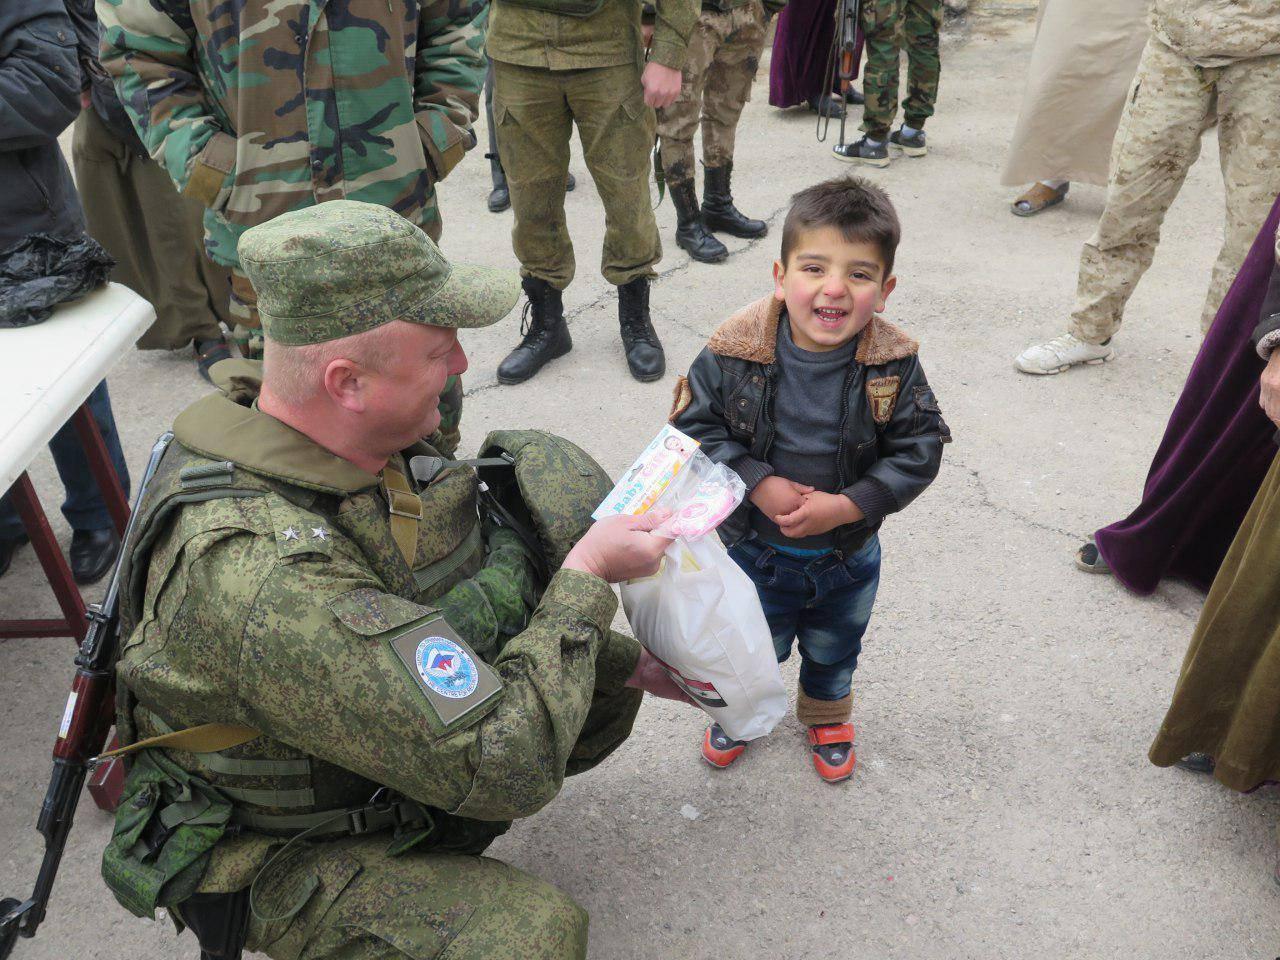 ロシア、シュクラン:シリア南部では、別の都市が平和な生活を送っています